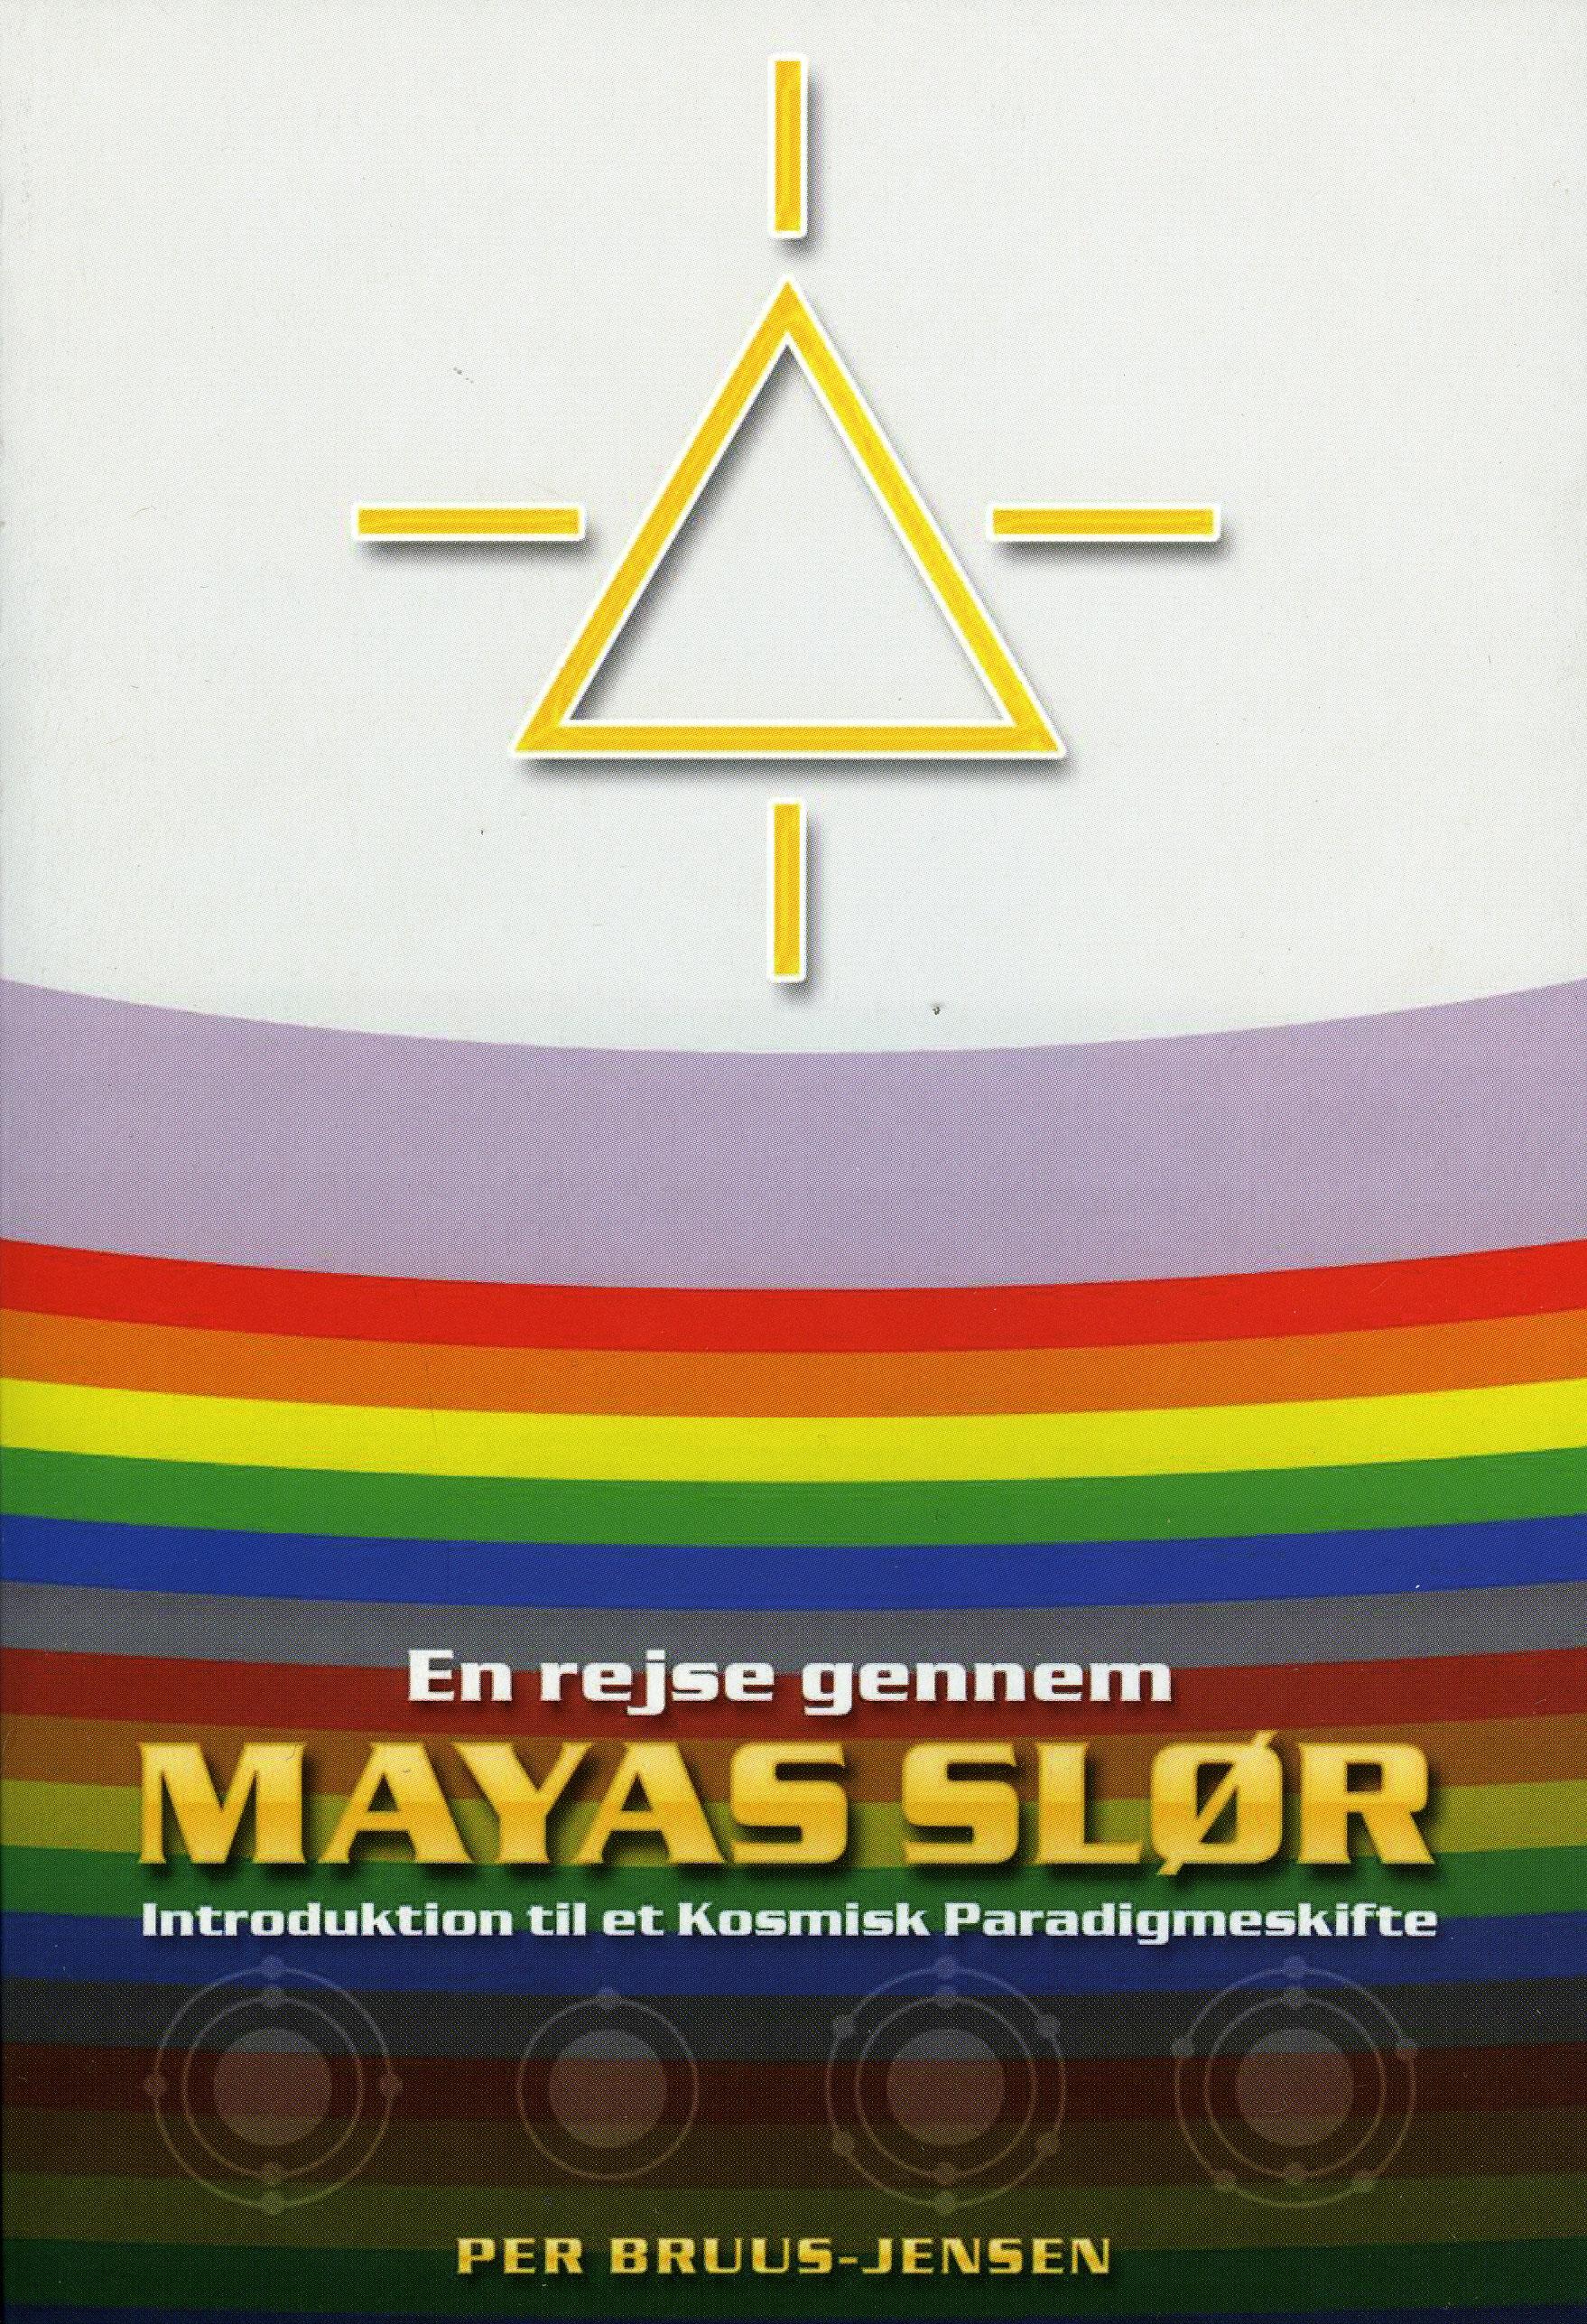 En rejse gennem Mayas Slør : introduktion til et kosmisk paradigmeskifte av Per Bruus-Jensen